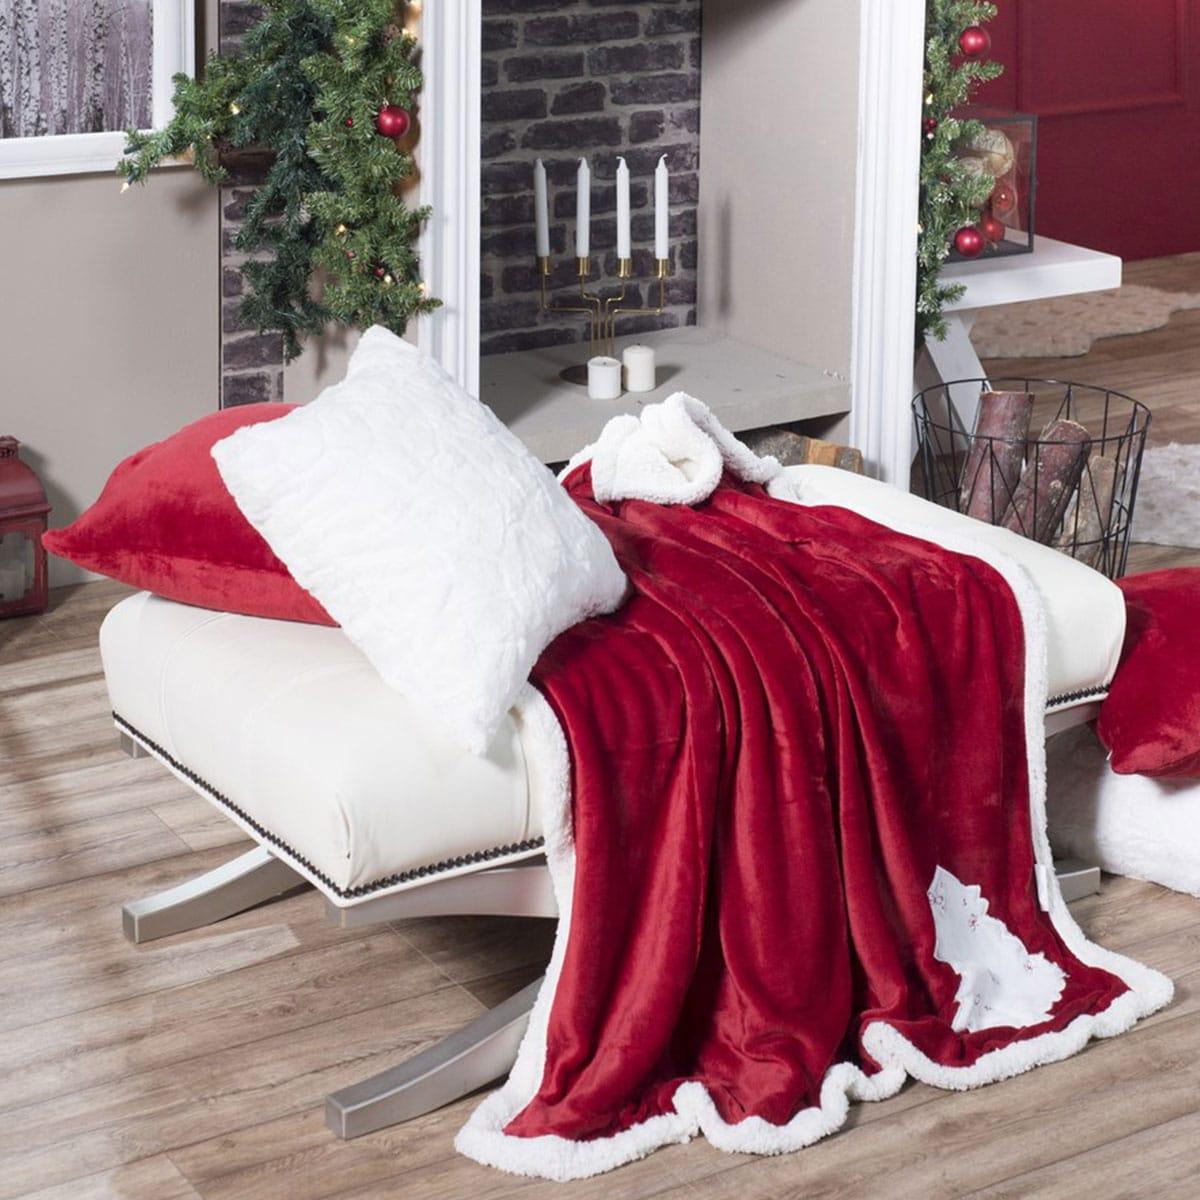 Μαξιλάρι Διακοσμητικό (Με Γέμιση) Χριστουγεννιάτικη Red Tree White Teoran 45X45 45x45cm